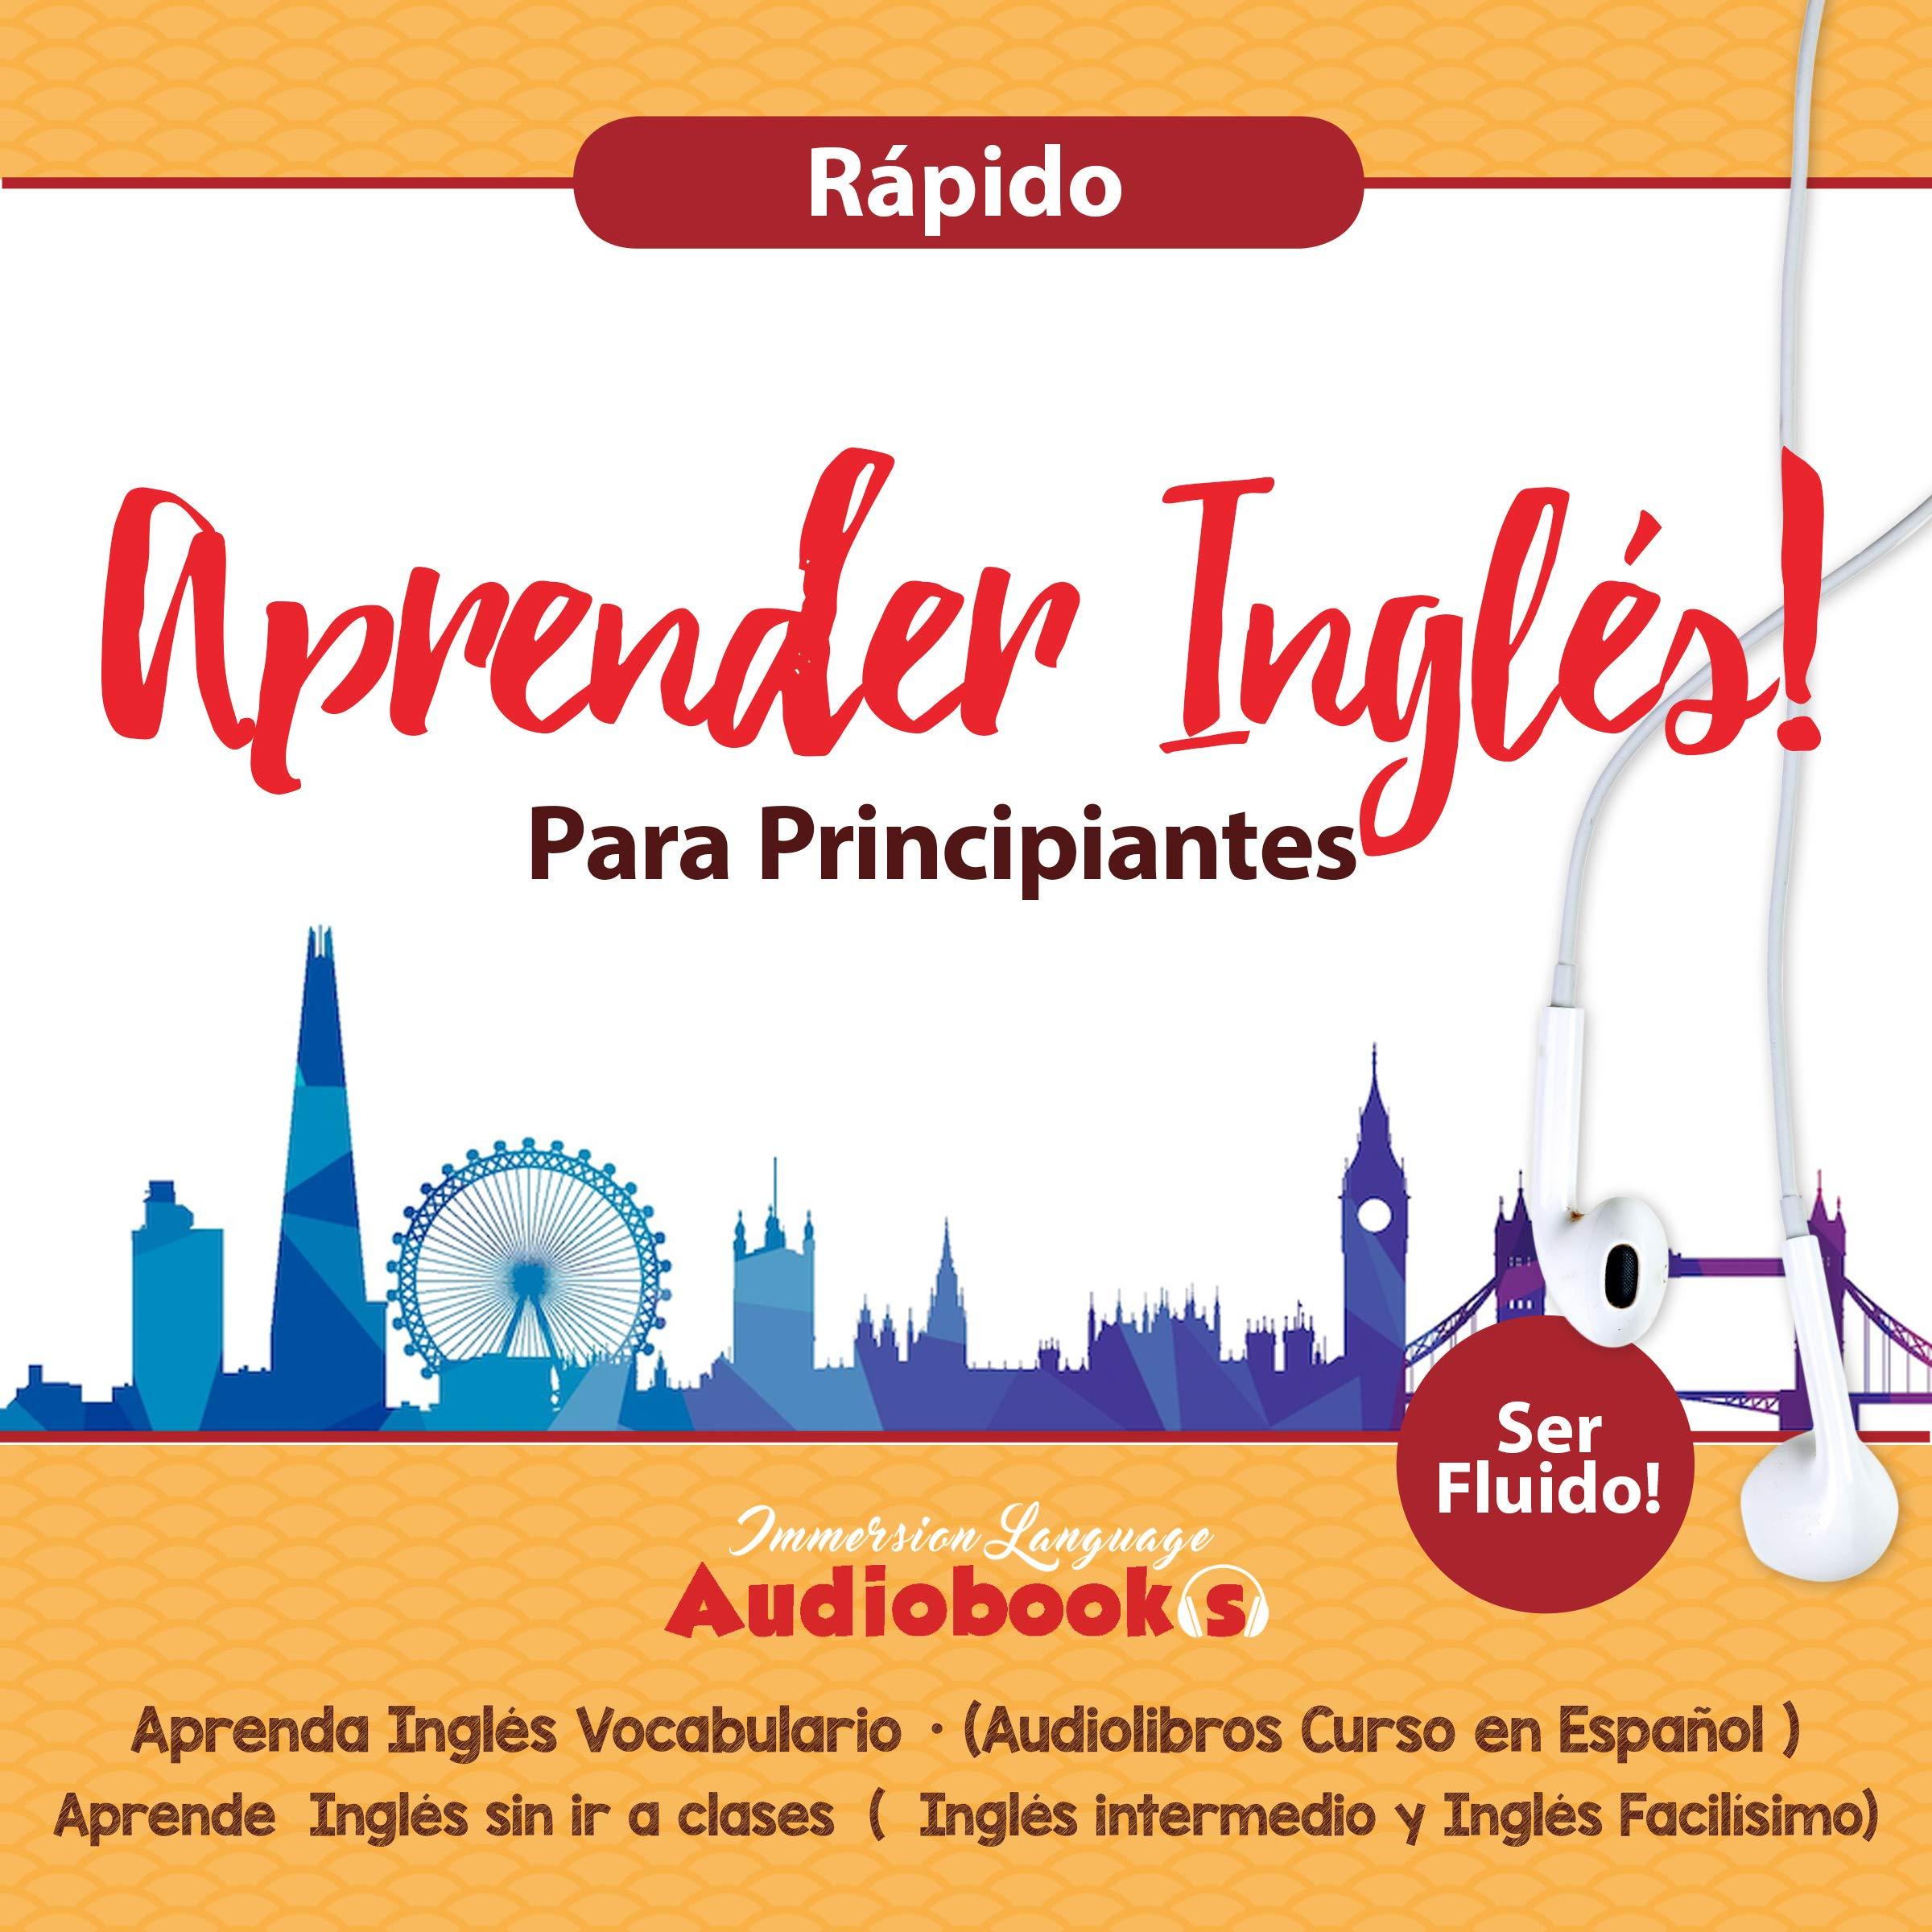 Aprender Inglés para Principiantes Rápido - Aprenda Inglés Vocabulario (Audiolibros Curso en Español - Ser Fluido): Aprende Inglés sin ir a clases -